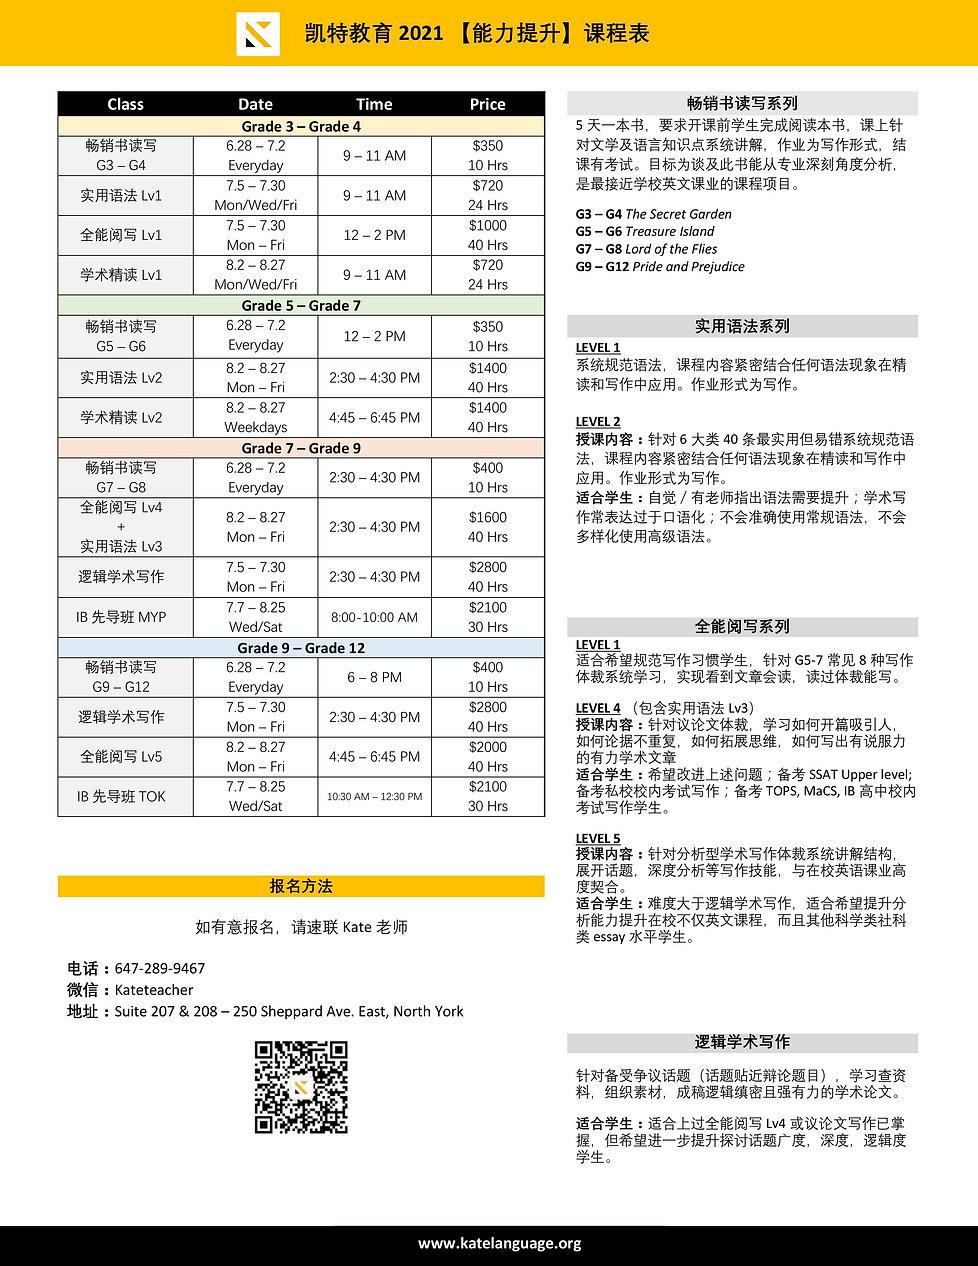 暑假班 - 能力系 (5.2).jpg